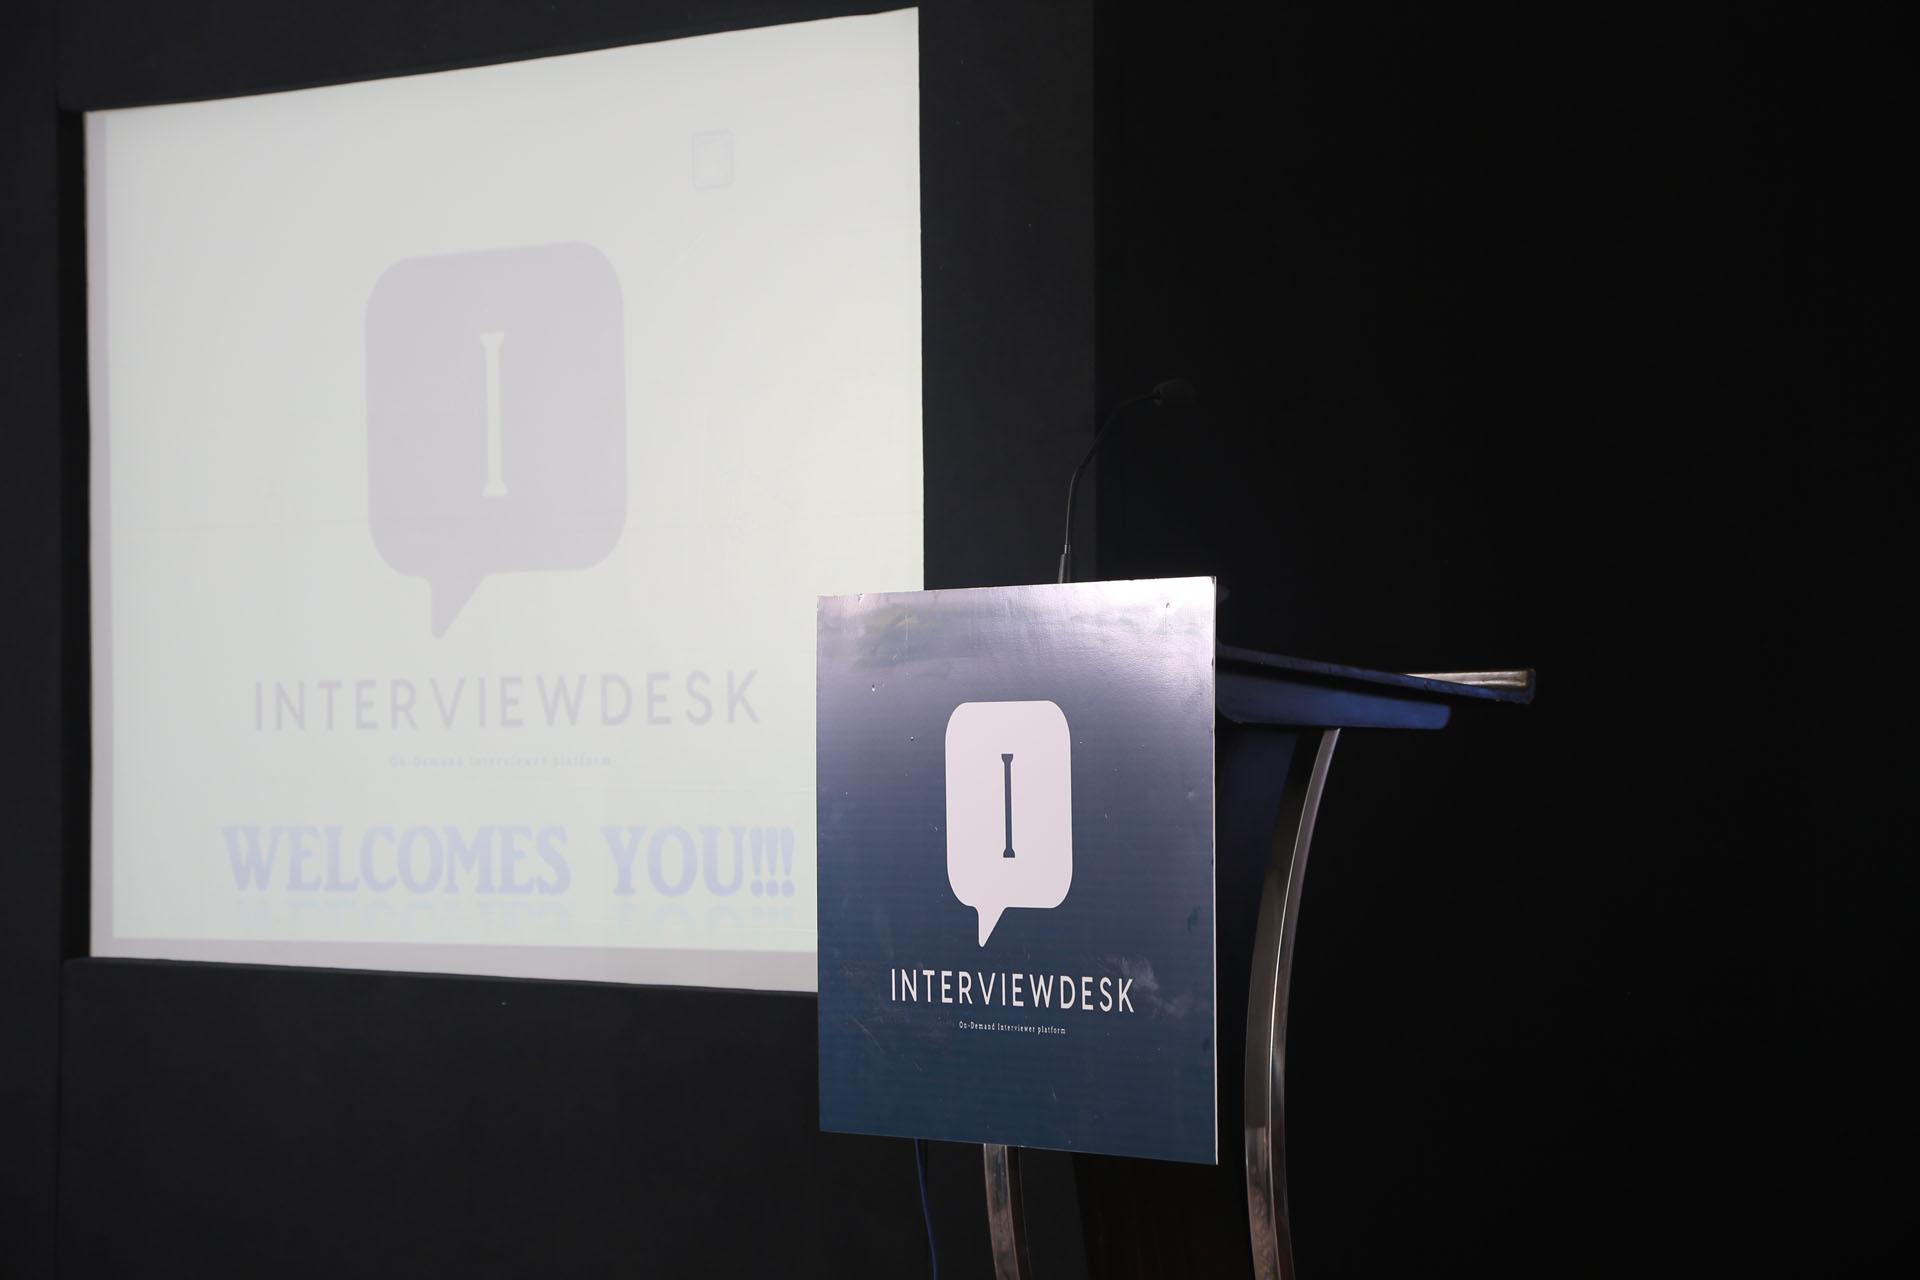 interviewdesk